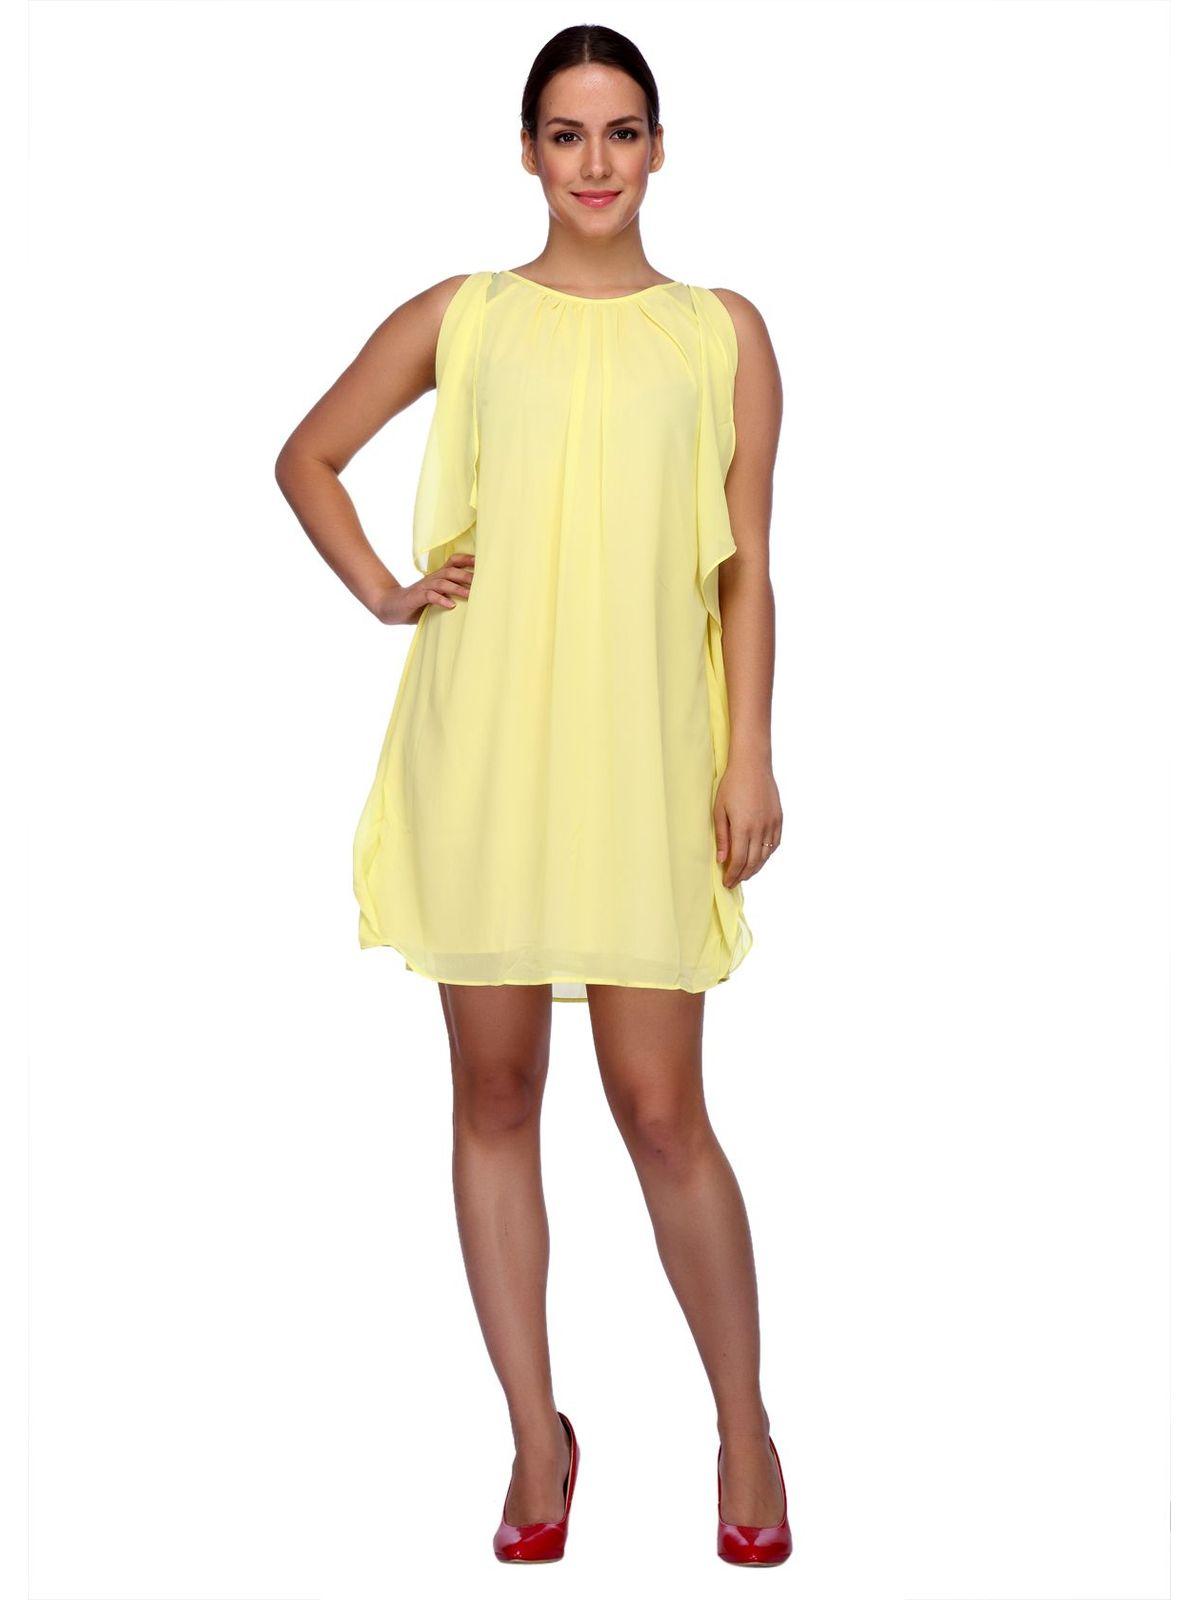 OLIVIA DRAPE DRESS